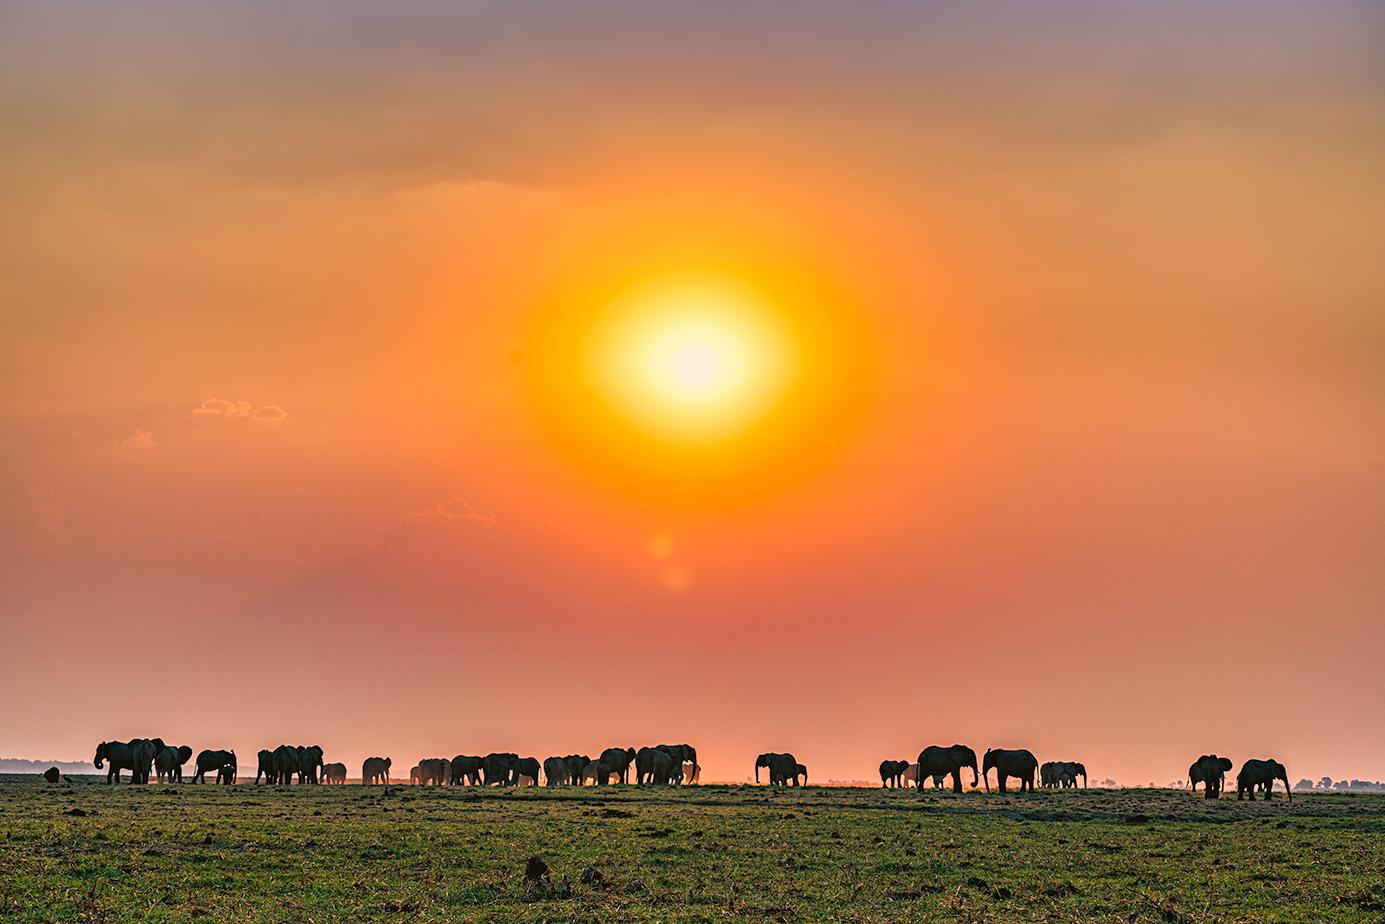 50 Elefanten beim Sonnenuntergang im Chobe Nationalpark in Botswana. Fotografiert von Benny Rebel auf einer Fotoreise durch Botswana.